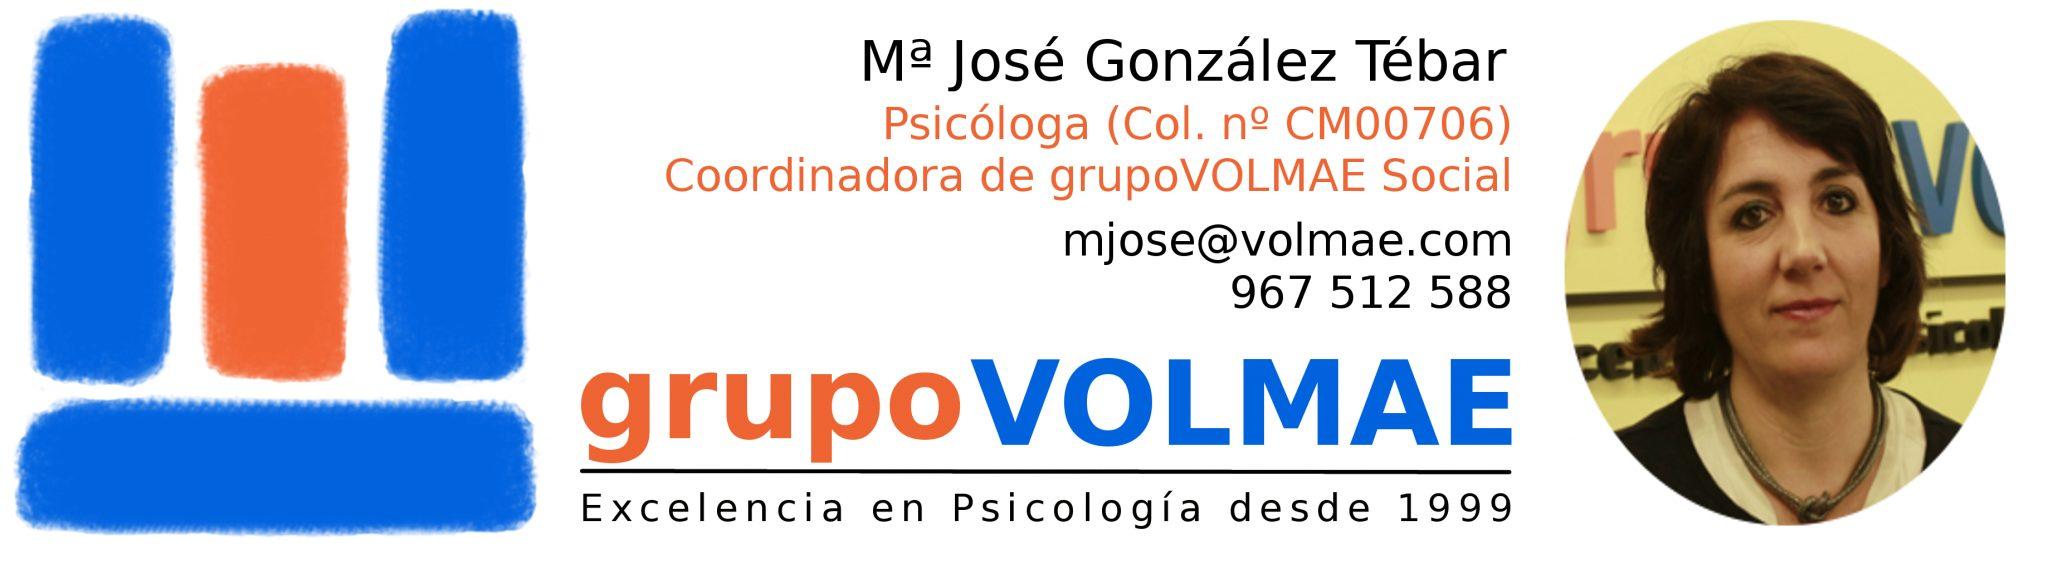 Mª José González Tébar 2